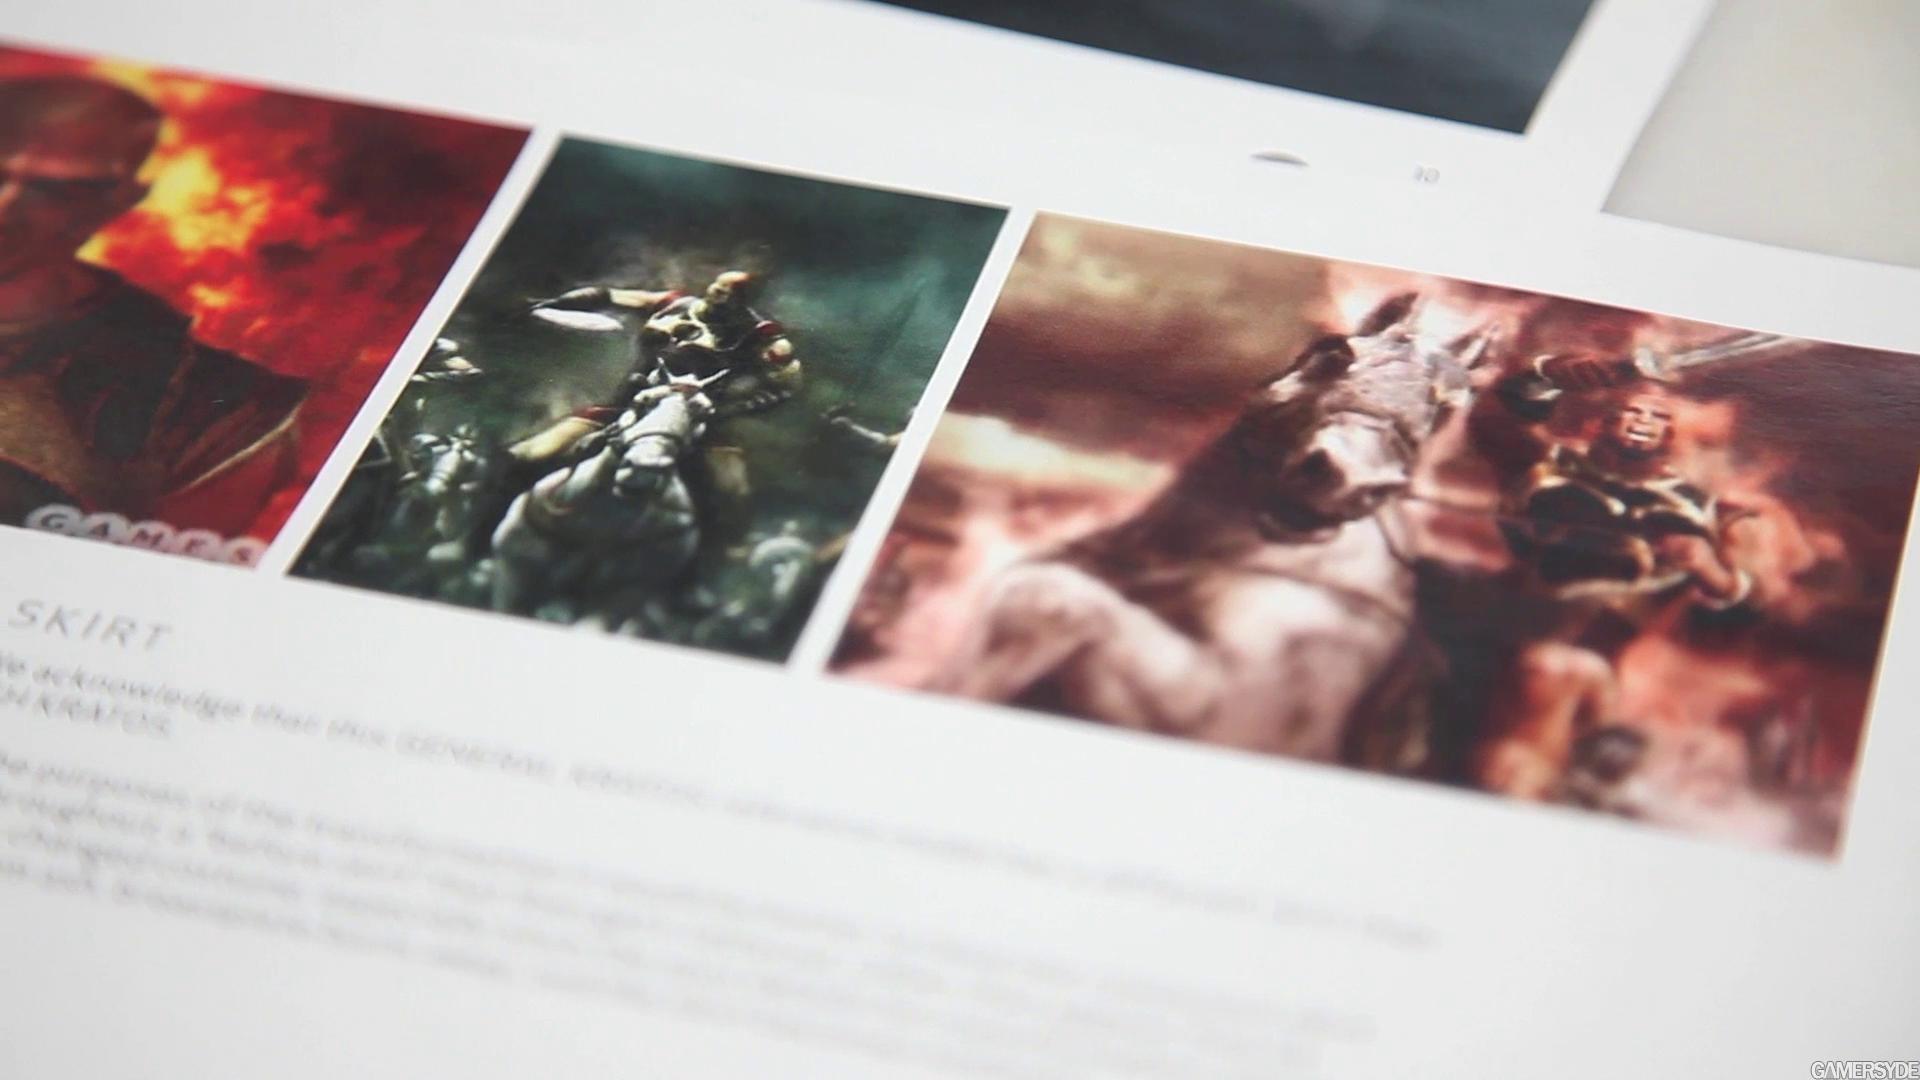 image god of war ascension 21395 2495 0001 خاطرات یک مرد زنده / تصاویری از پشت صحنه ی تریلر Live Action بازی GOW:Ascension